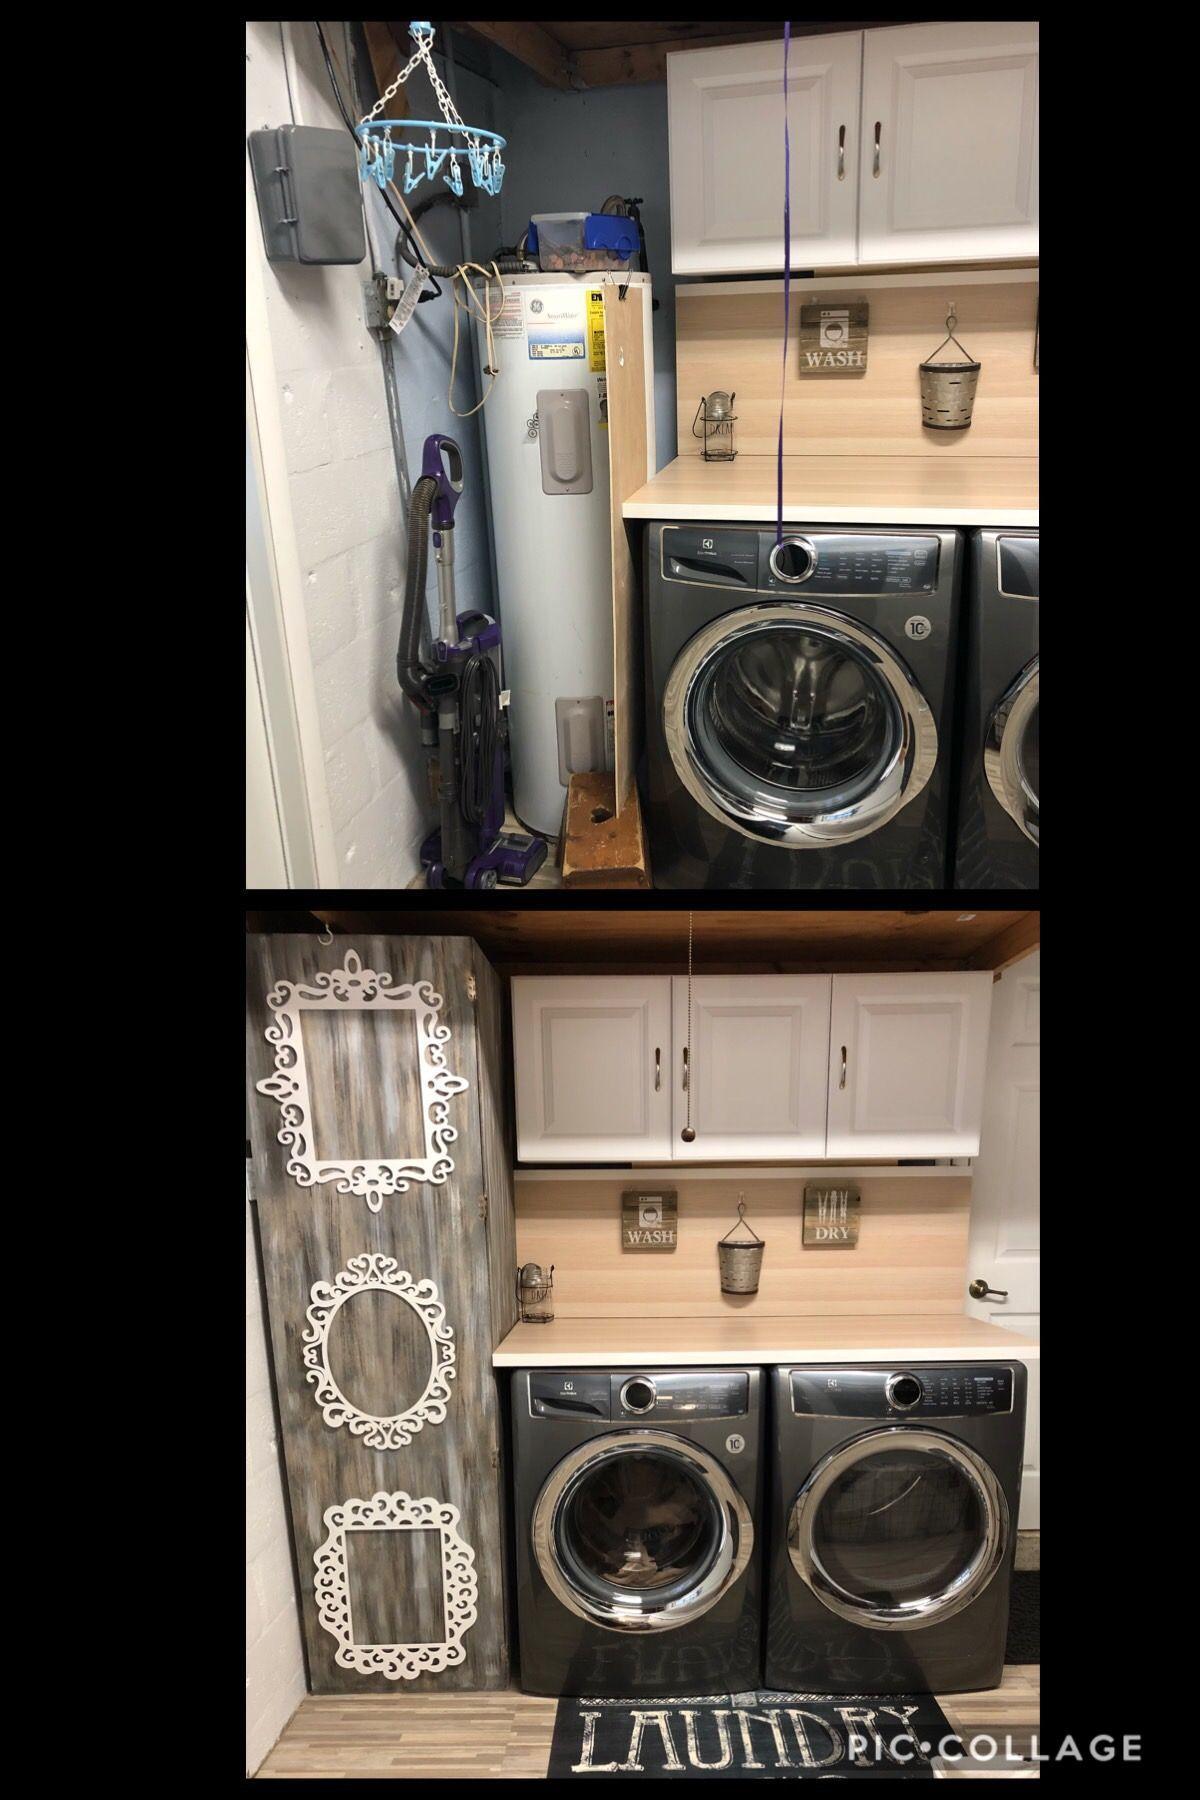 Before After Hidden Water Heater Heater Hidden Water Heaterheater Hidden Water Hide Water Heater Garage Laundry Rooms Water Heater Closet